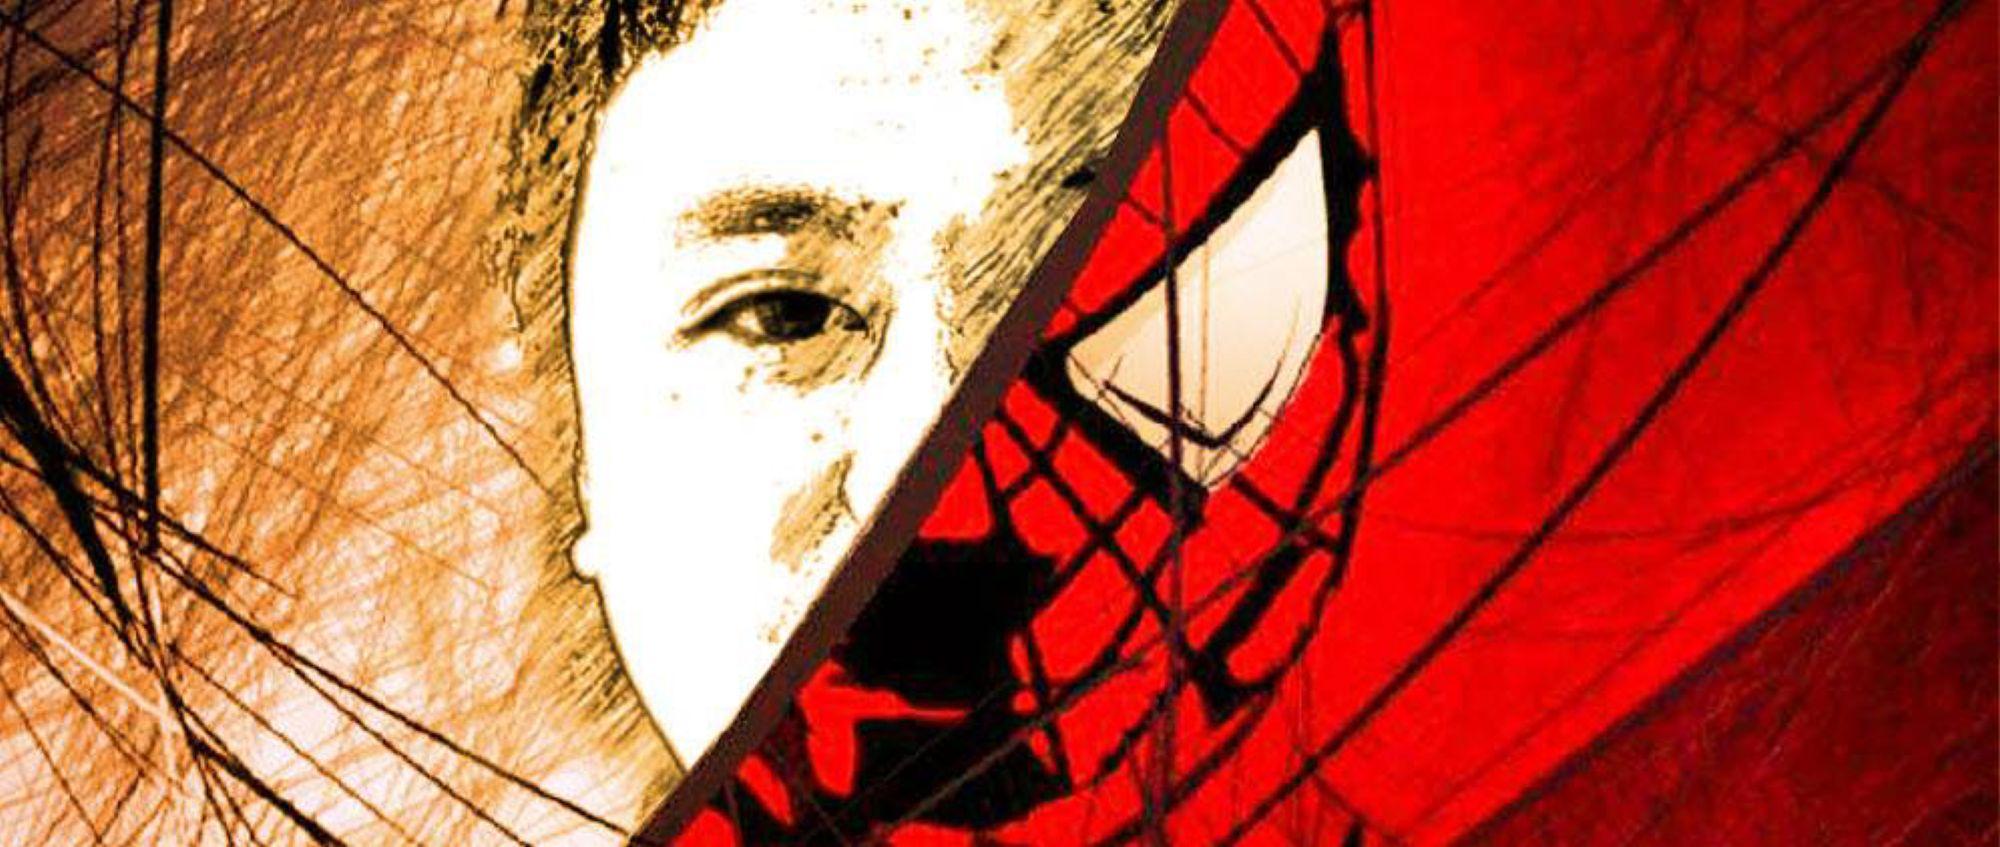 """您是否与我们的""""蜘蛛侠""""共事过? 德图""""蜘蛛侠""""曾经给您留下了什么样的印象?"""